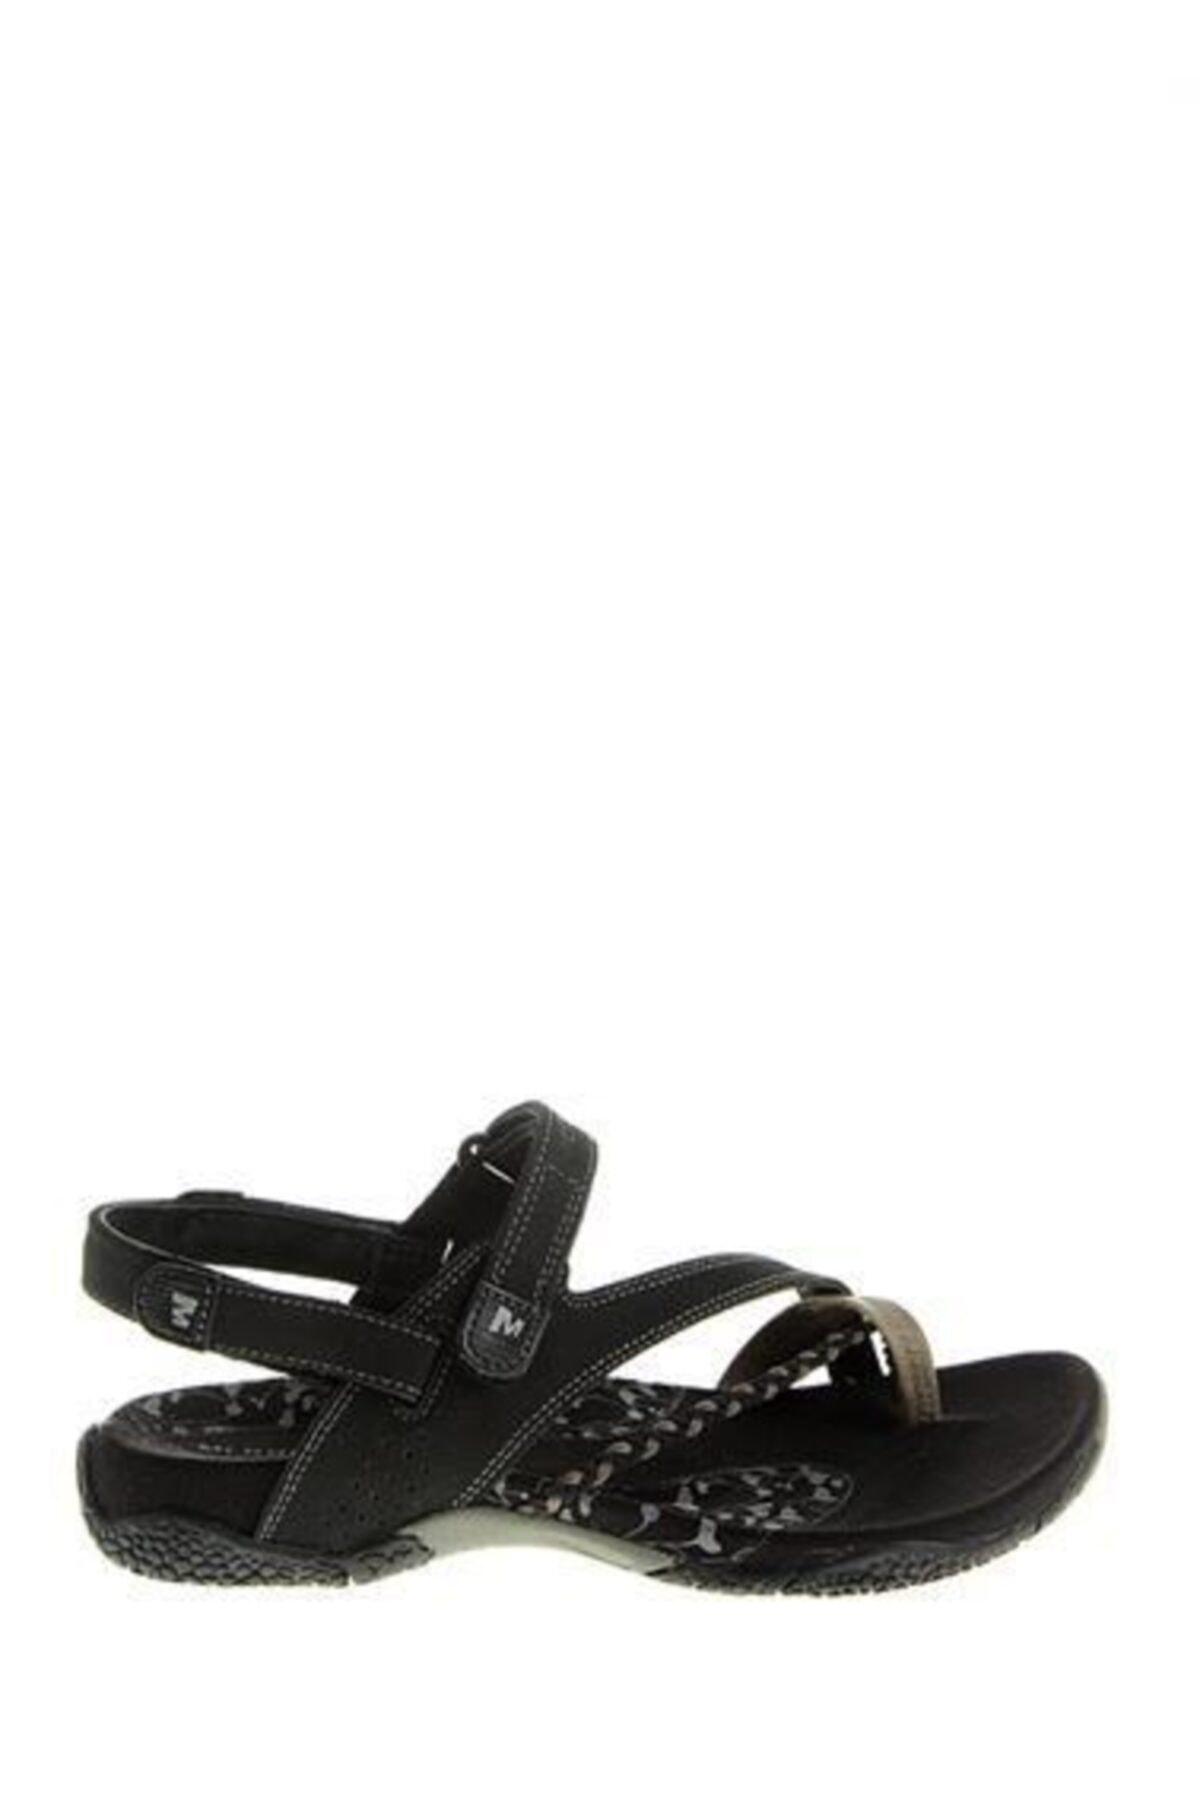 Merrell J36420 Siena Black Kadın Sandalet 2